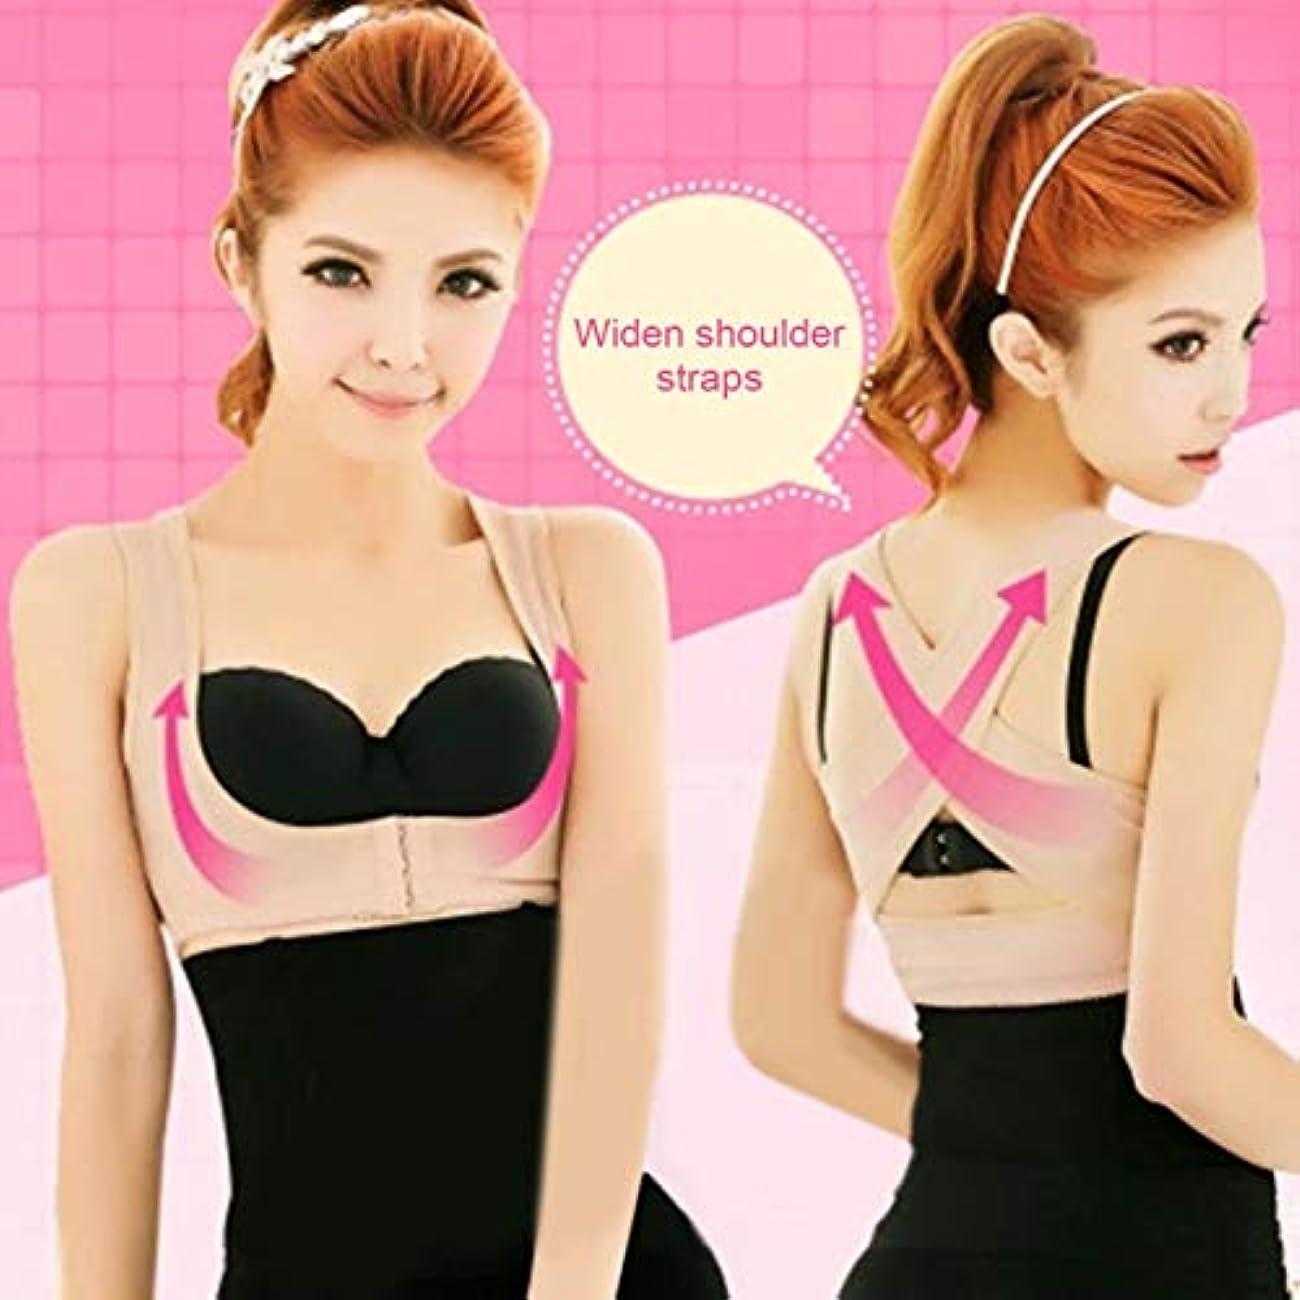 スクレーパー涙が出る突然Posture Corrector Women Chest Brace Up Prevent Chest Sagging And Humpback Bra Cross Strap Vest Body Shaper Slimming...